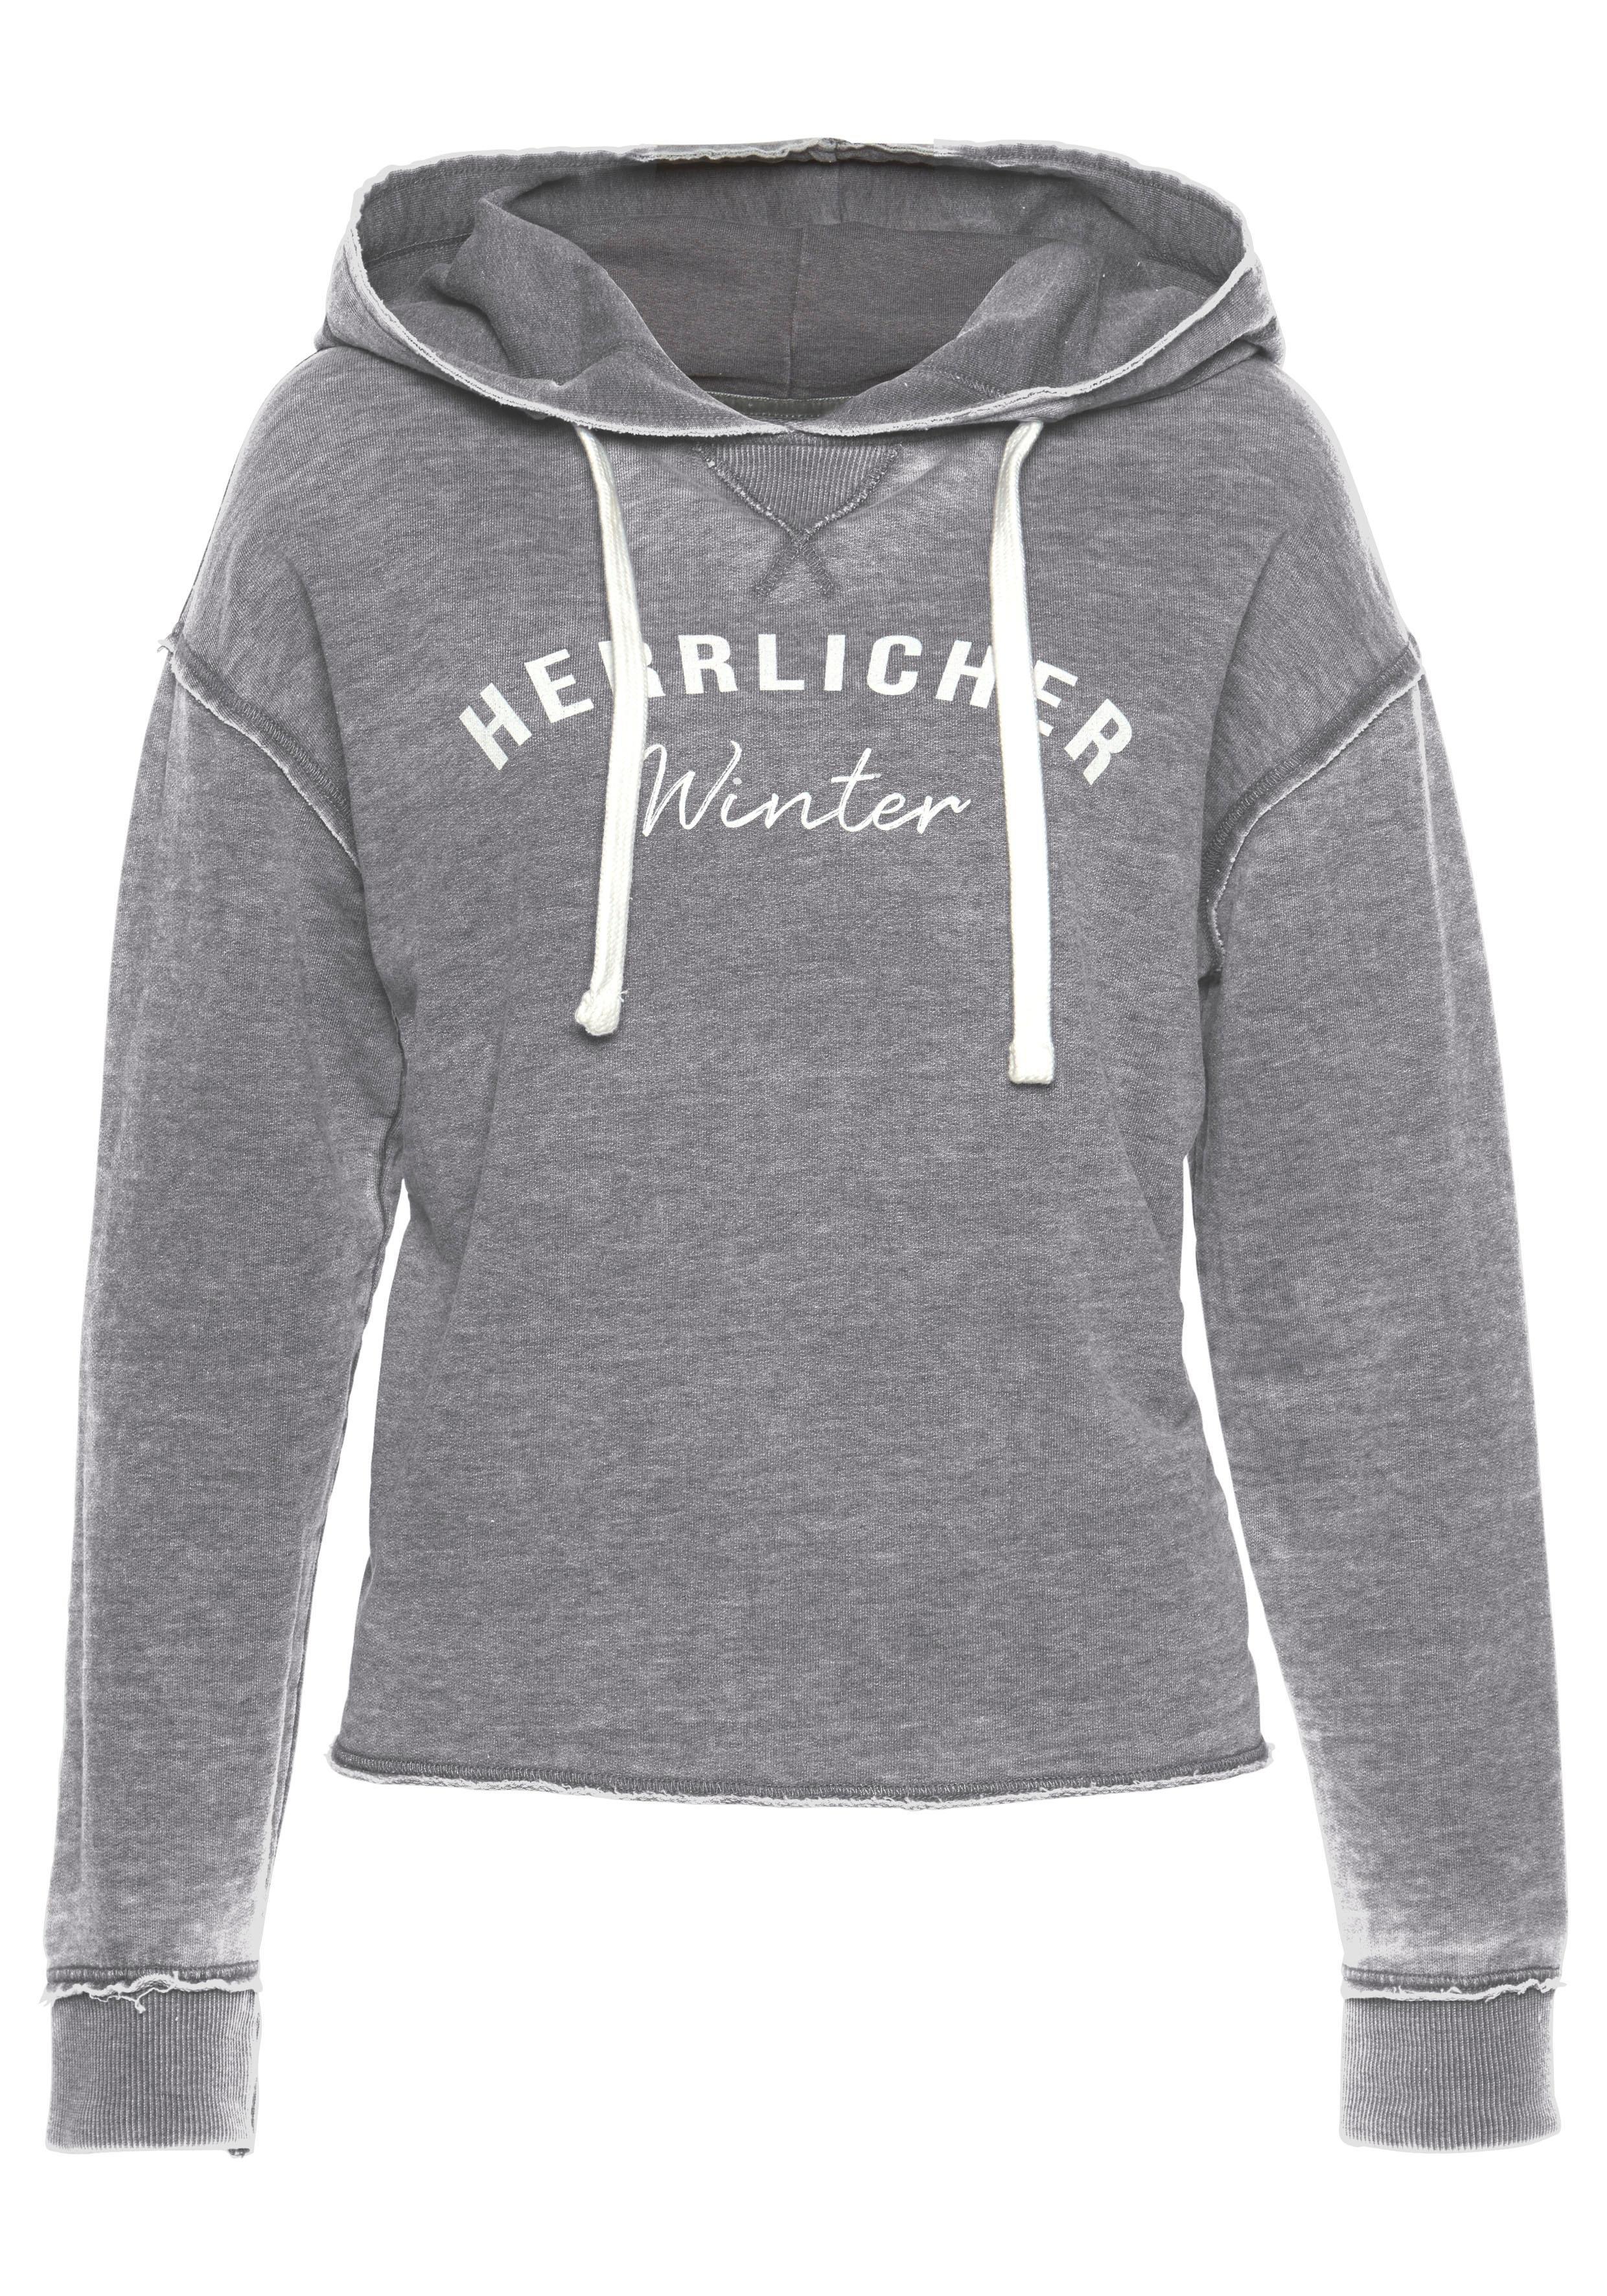 Capuchonwinona Online Sweatshirt Met Shoppen Herrlicher sBtQxdhrC